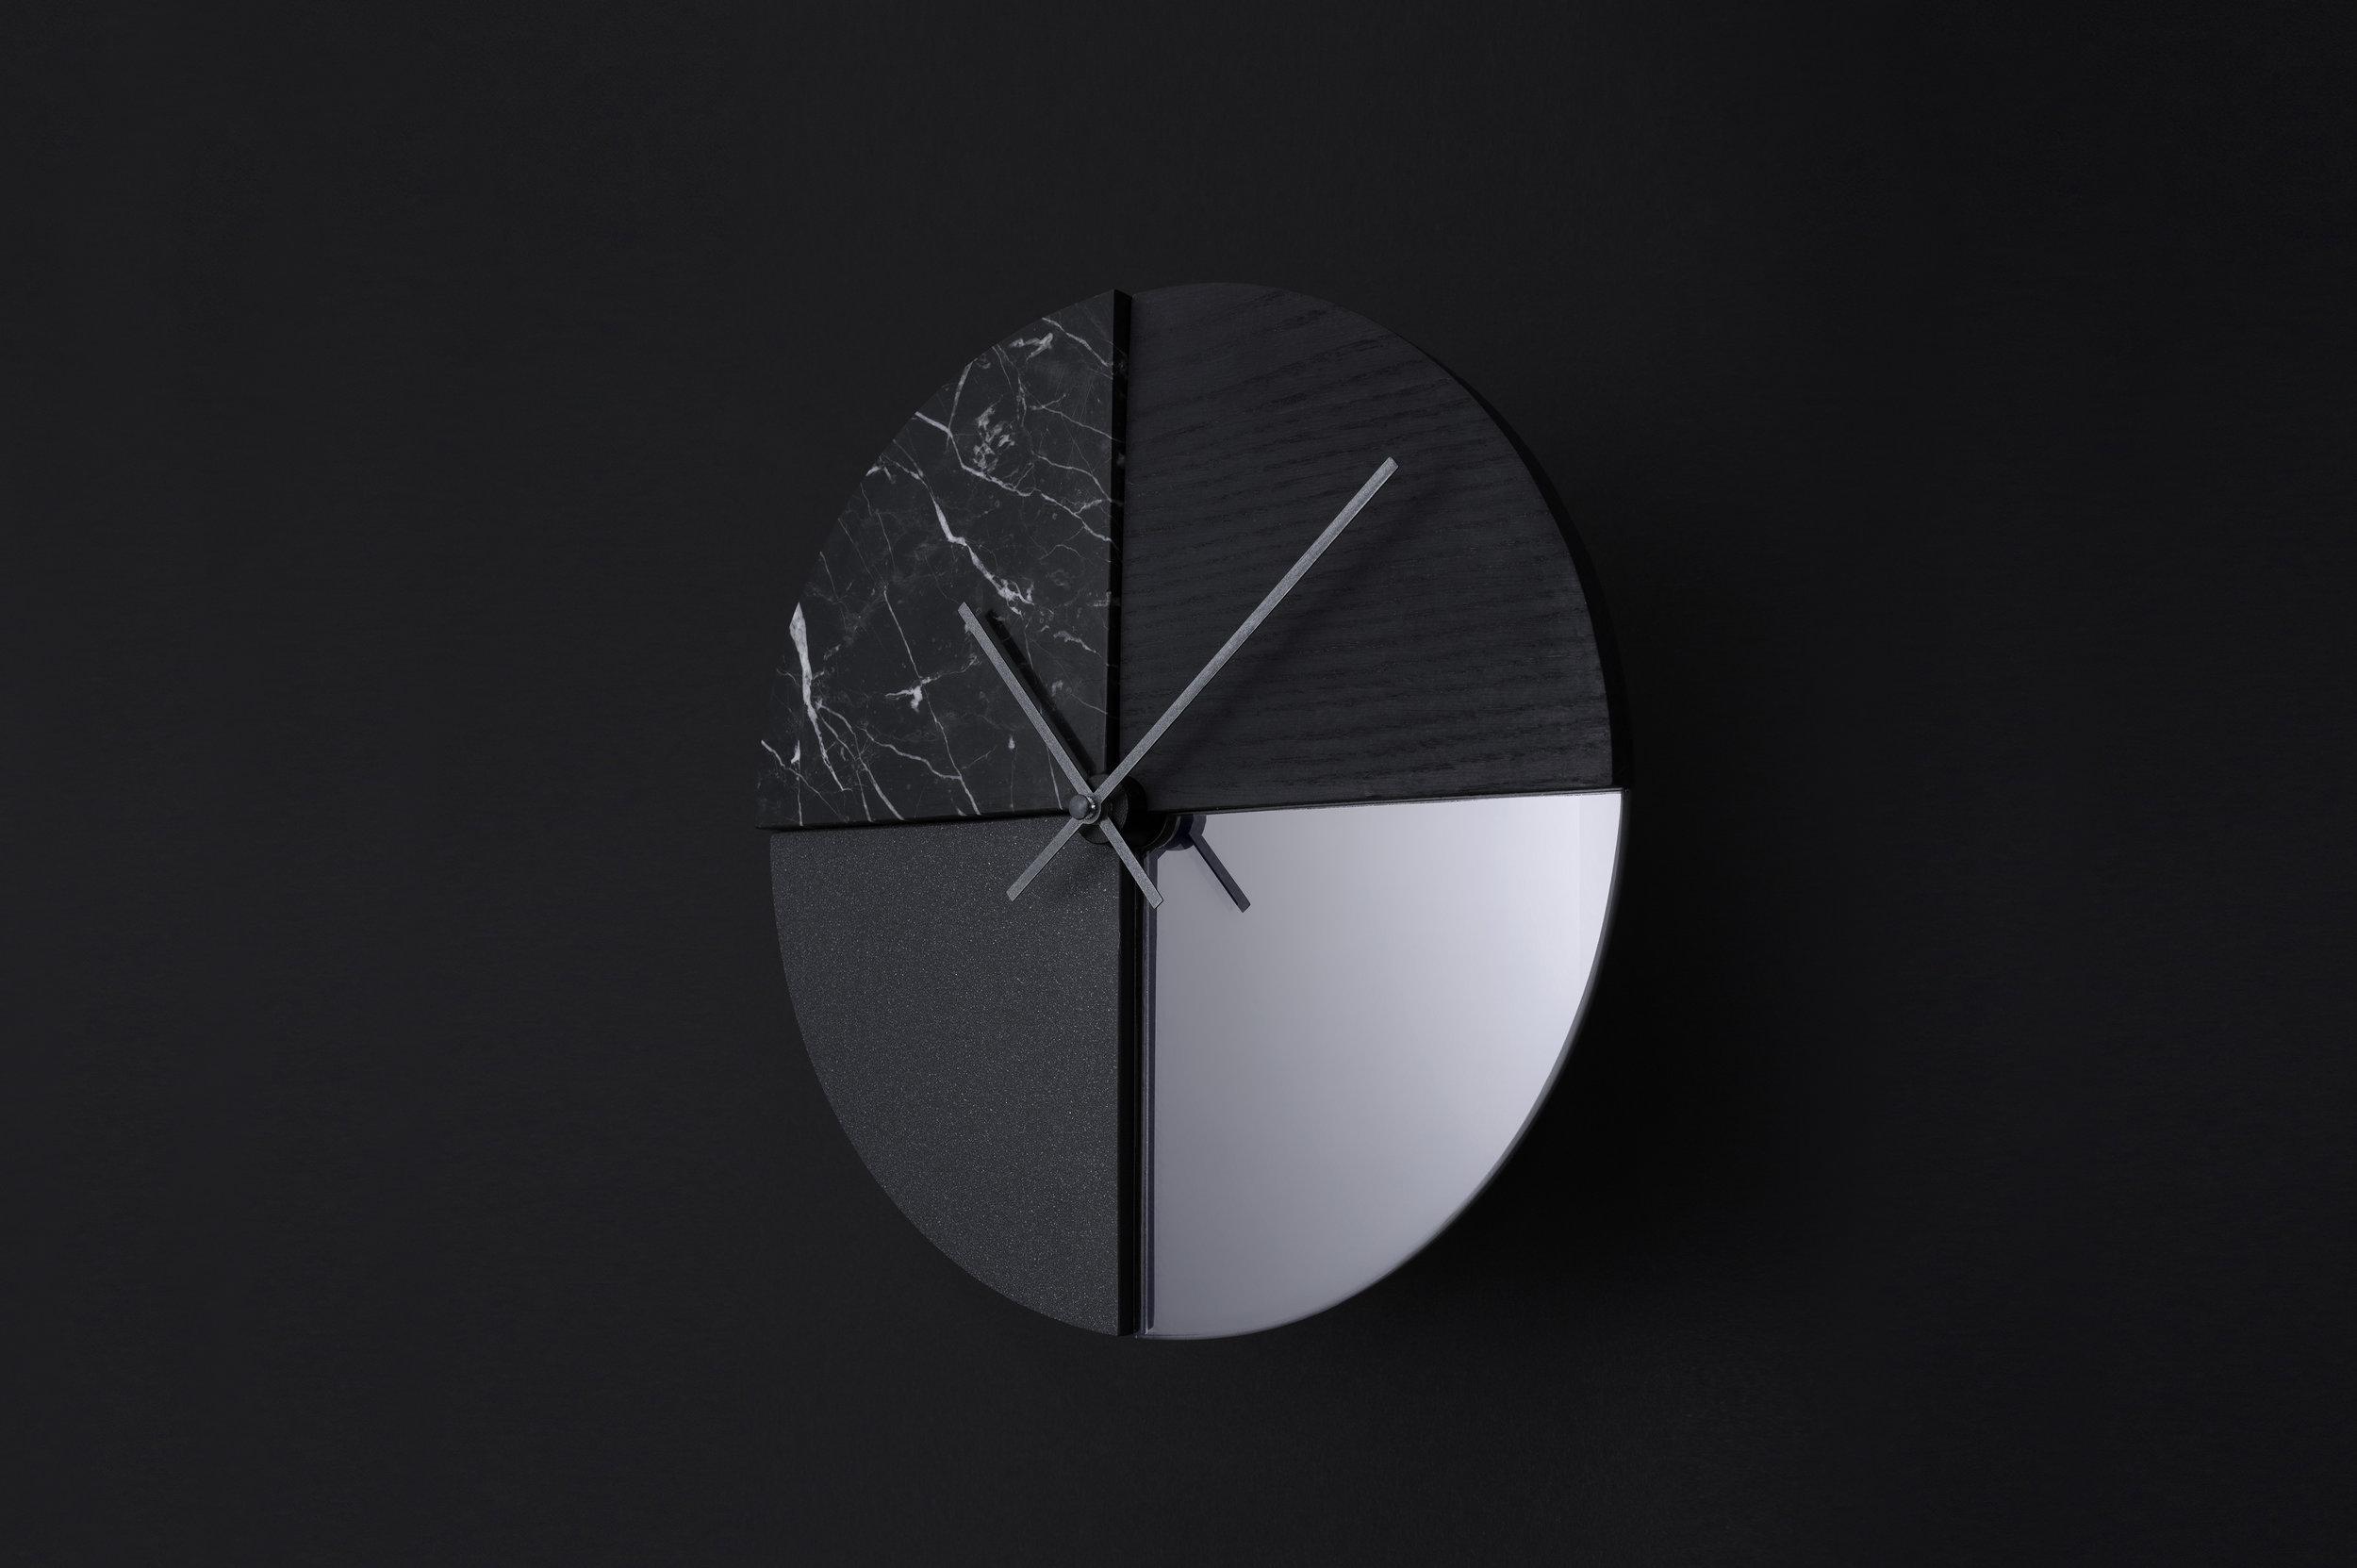 cooperativa-panoramica-mono-3-clock 2.jpg